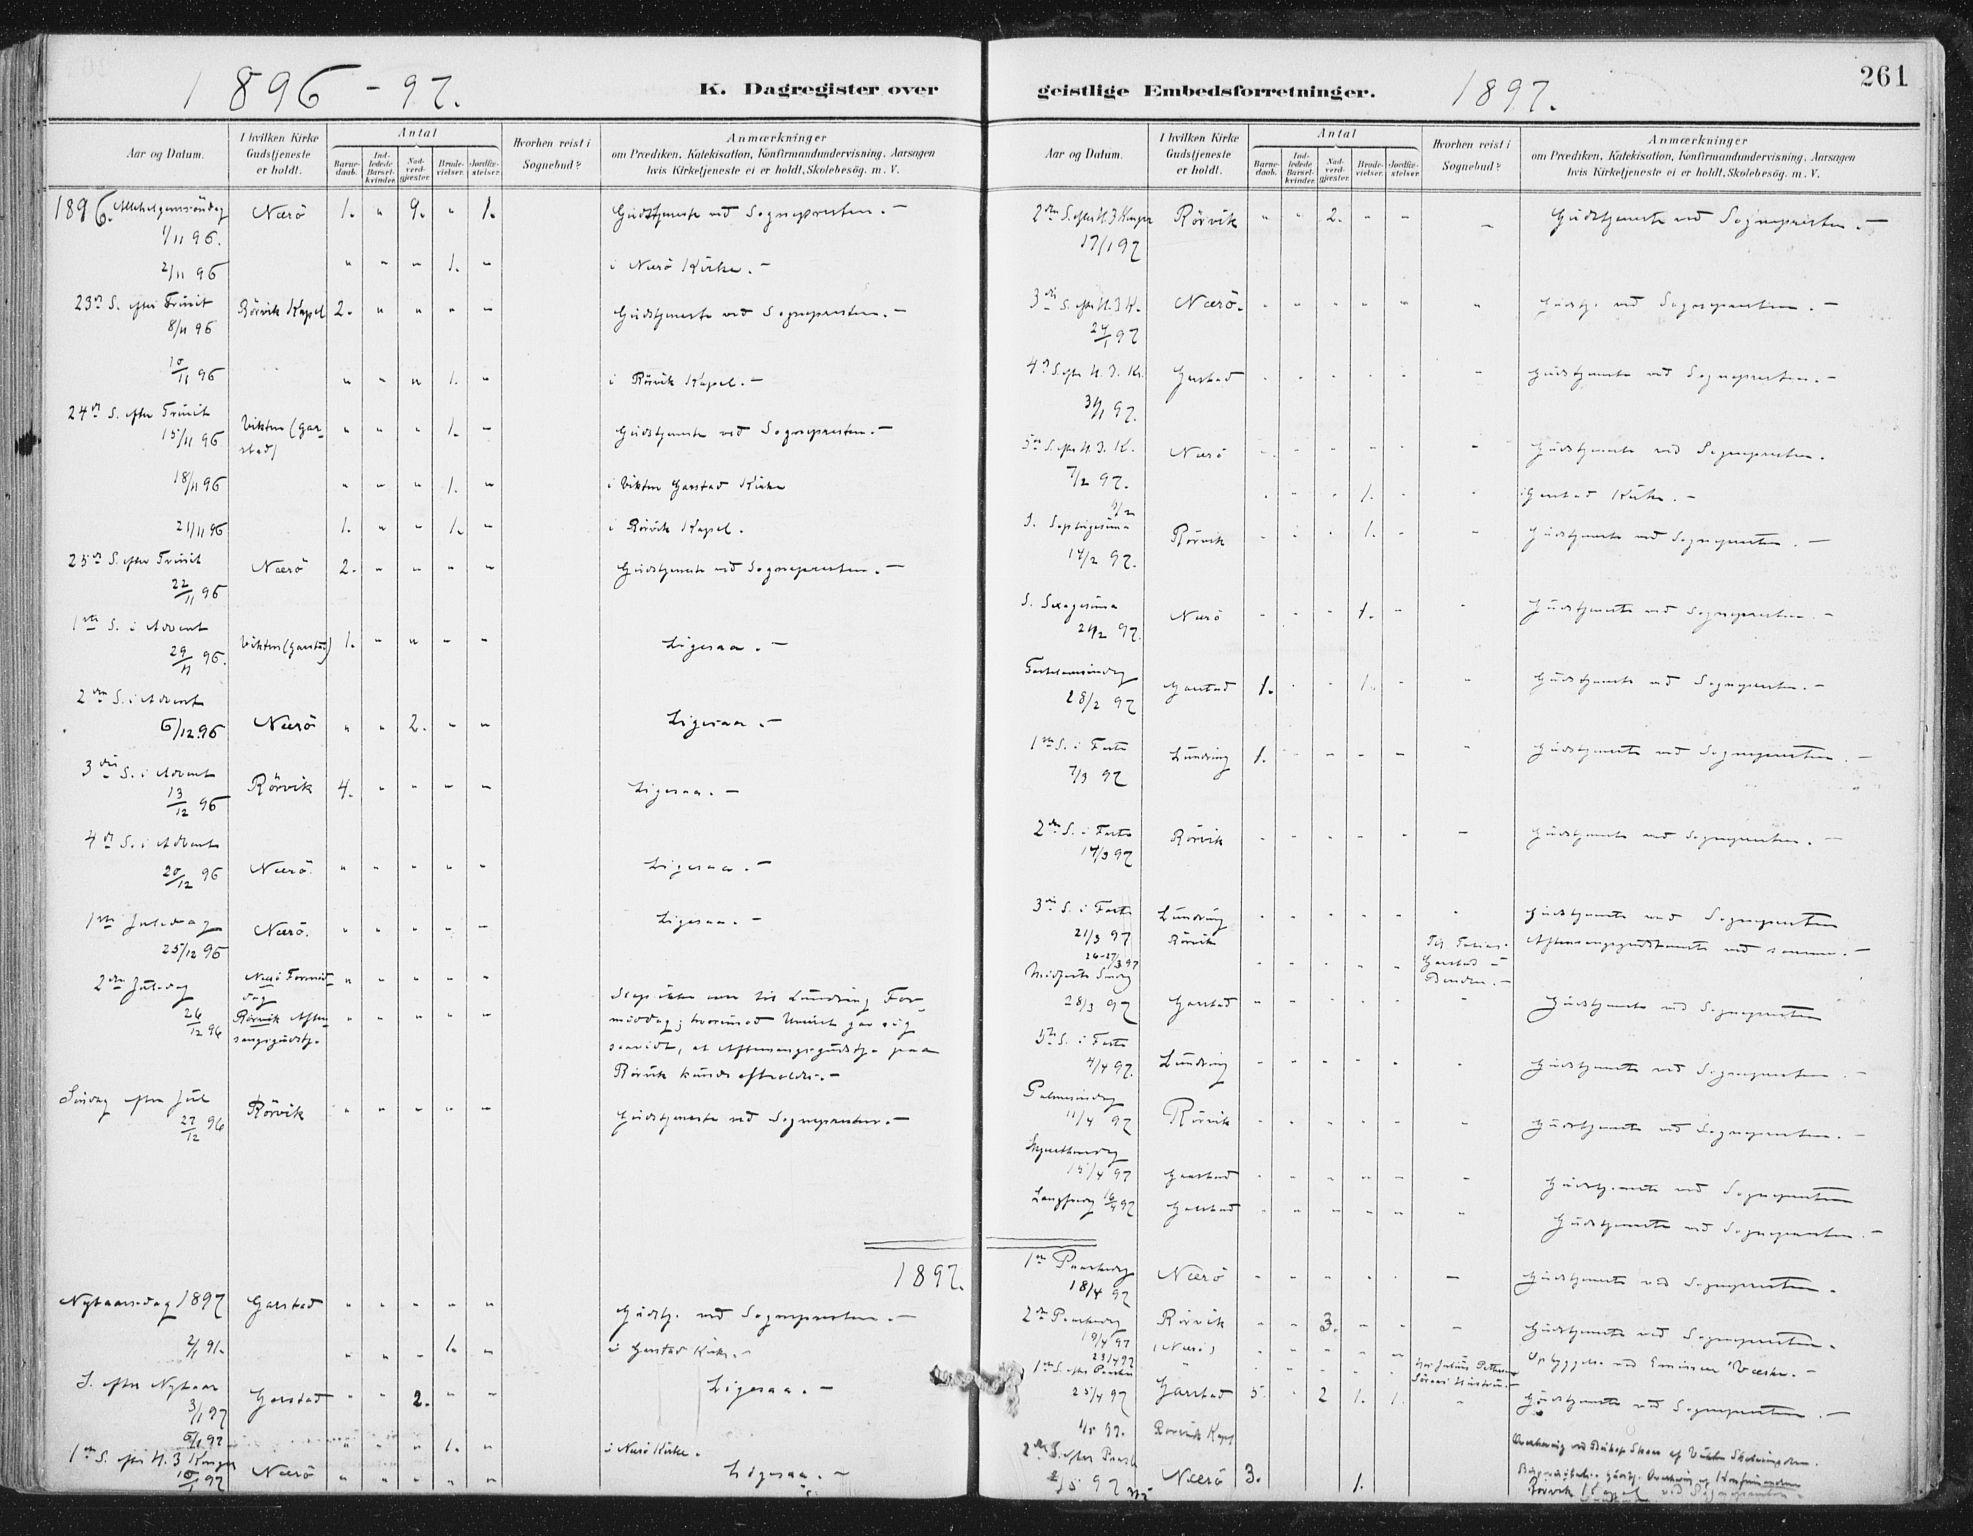 SAT, Ministerialprotokoller, klokkerbøker og fødselsregistre - Nord-Trøndelag, 784/L0673: Ministerialbok nr. 784A08, 1888-1899, s. 261